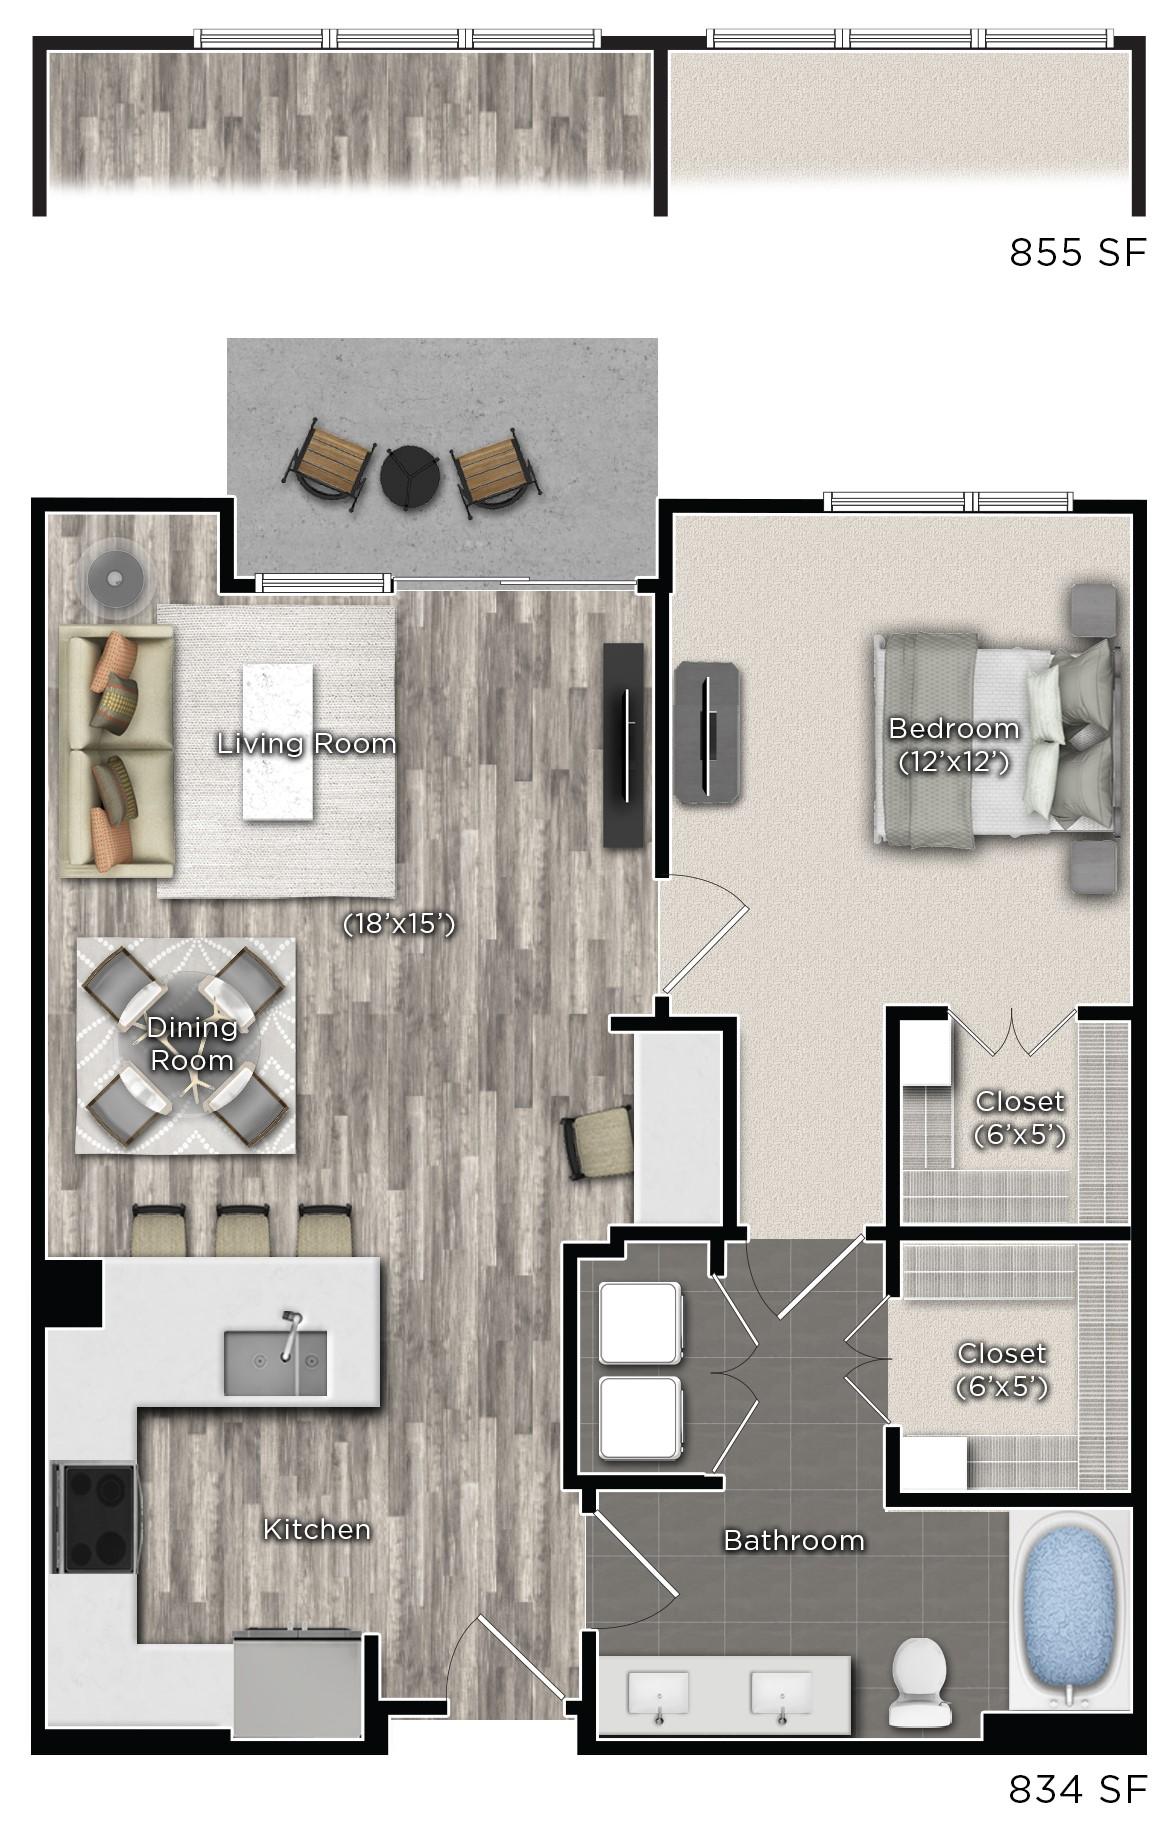 Floorplan - F image